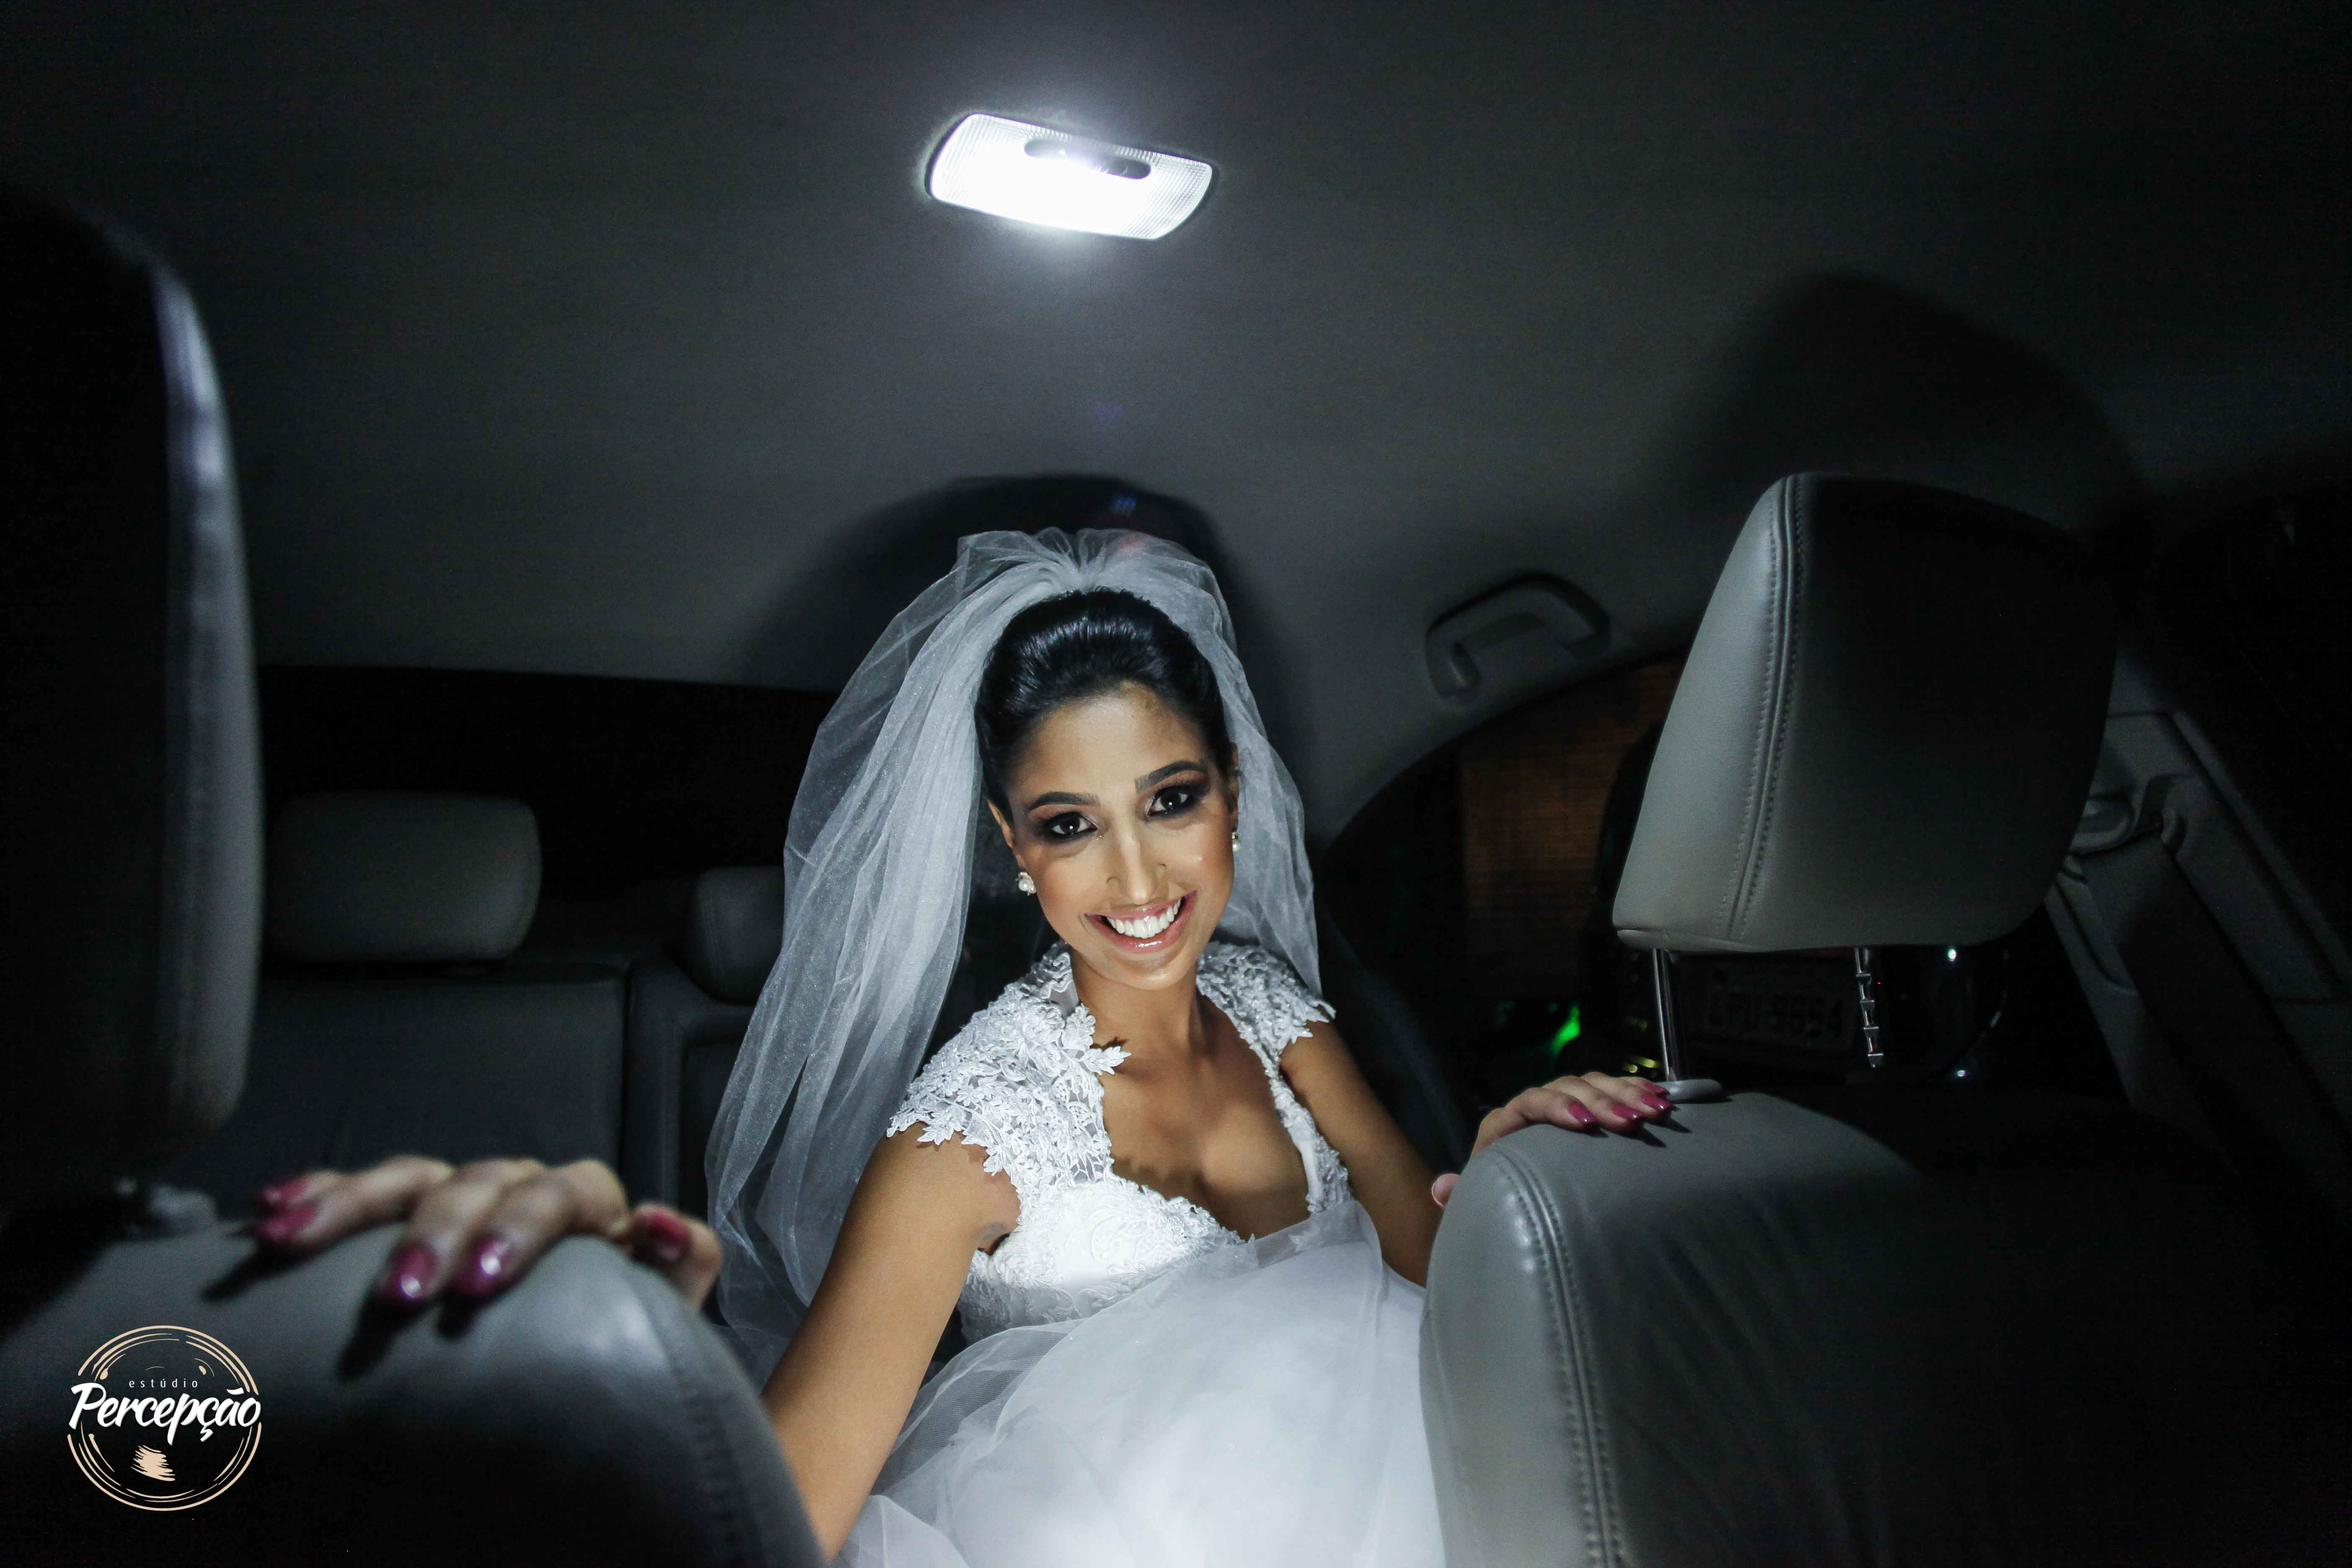 Fotográfo de casamento em SG 02